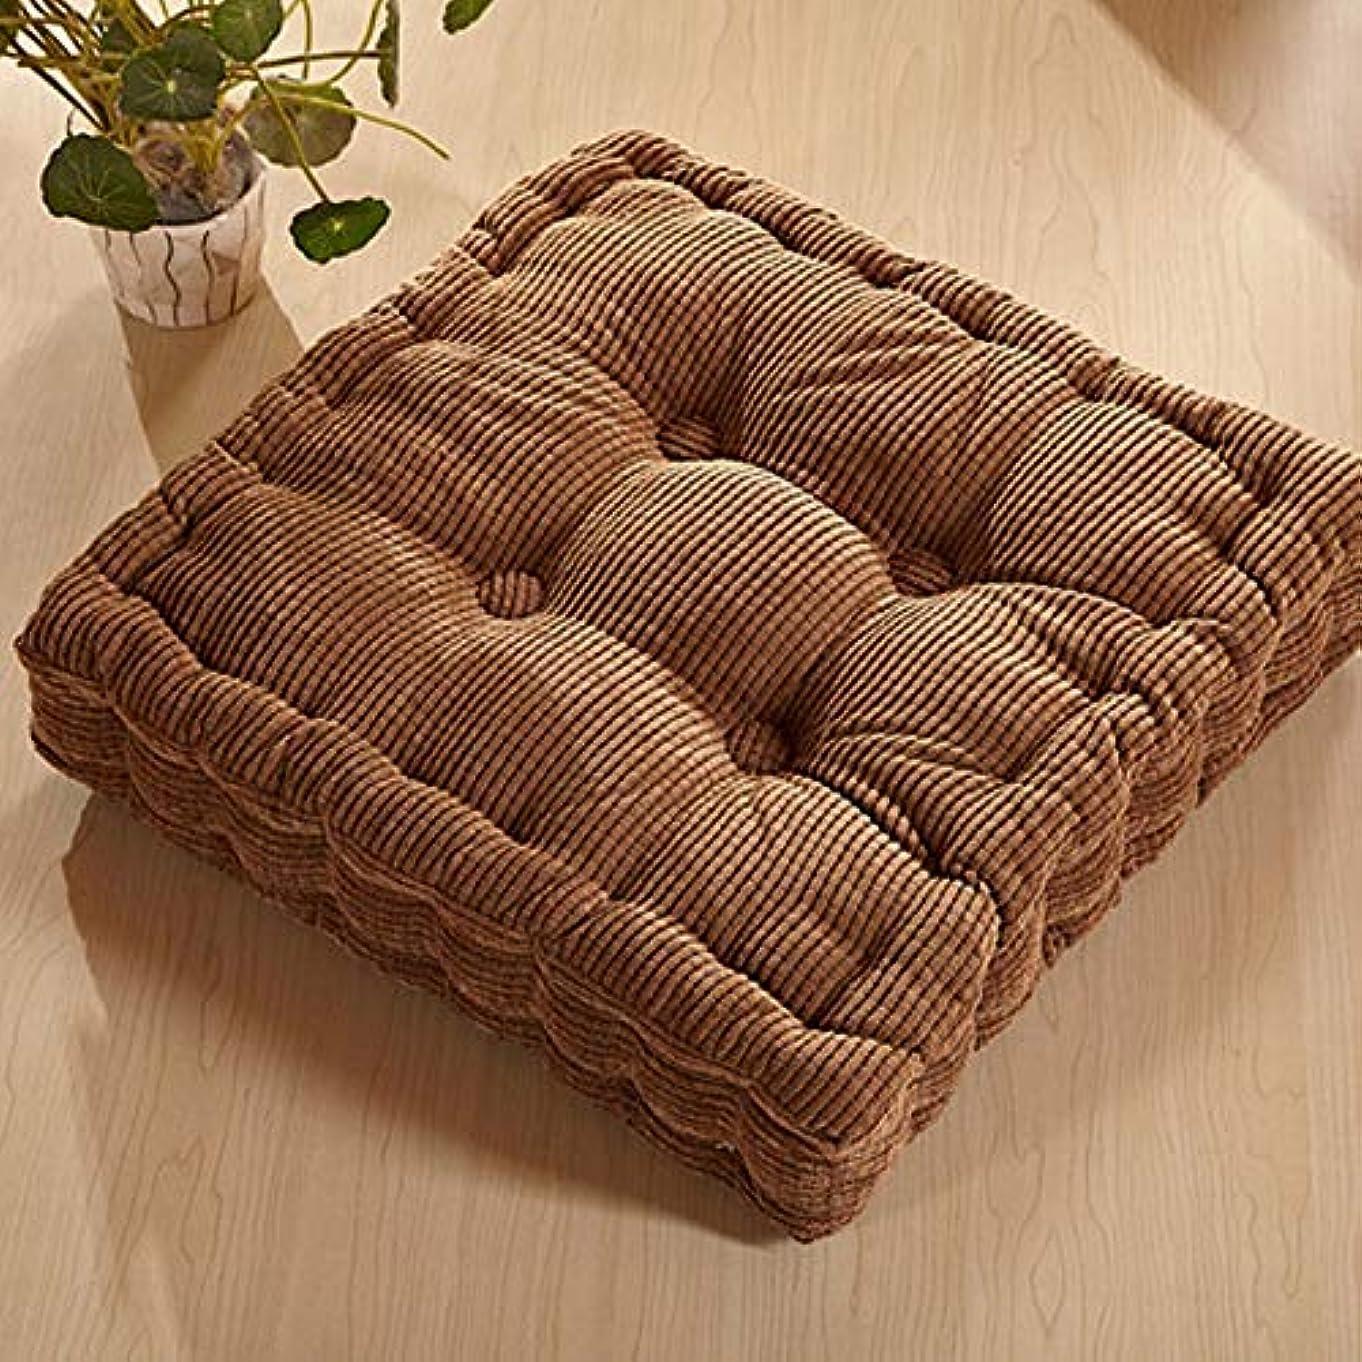 ホームレス韓国シソーラスLIFE 肥厚トウモロコシの穂軸畳クッションオフィスチェアクッションソファクッション生地チェアクッションカーシートクッション クッション 椅子